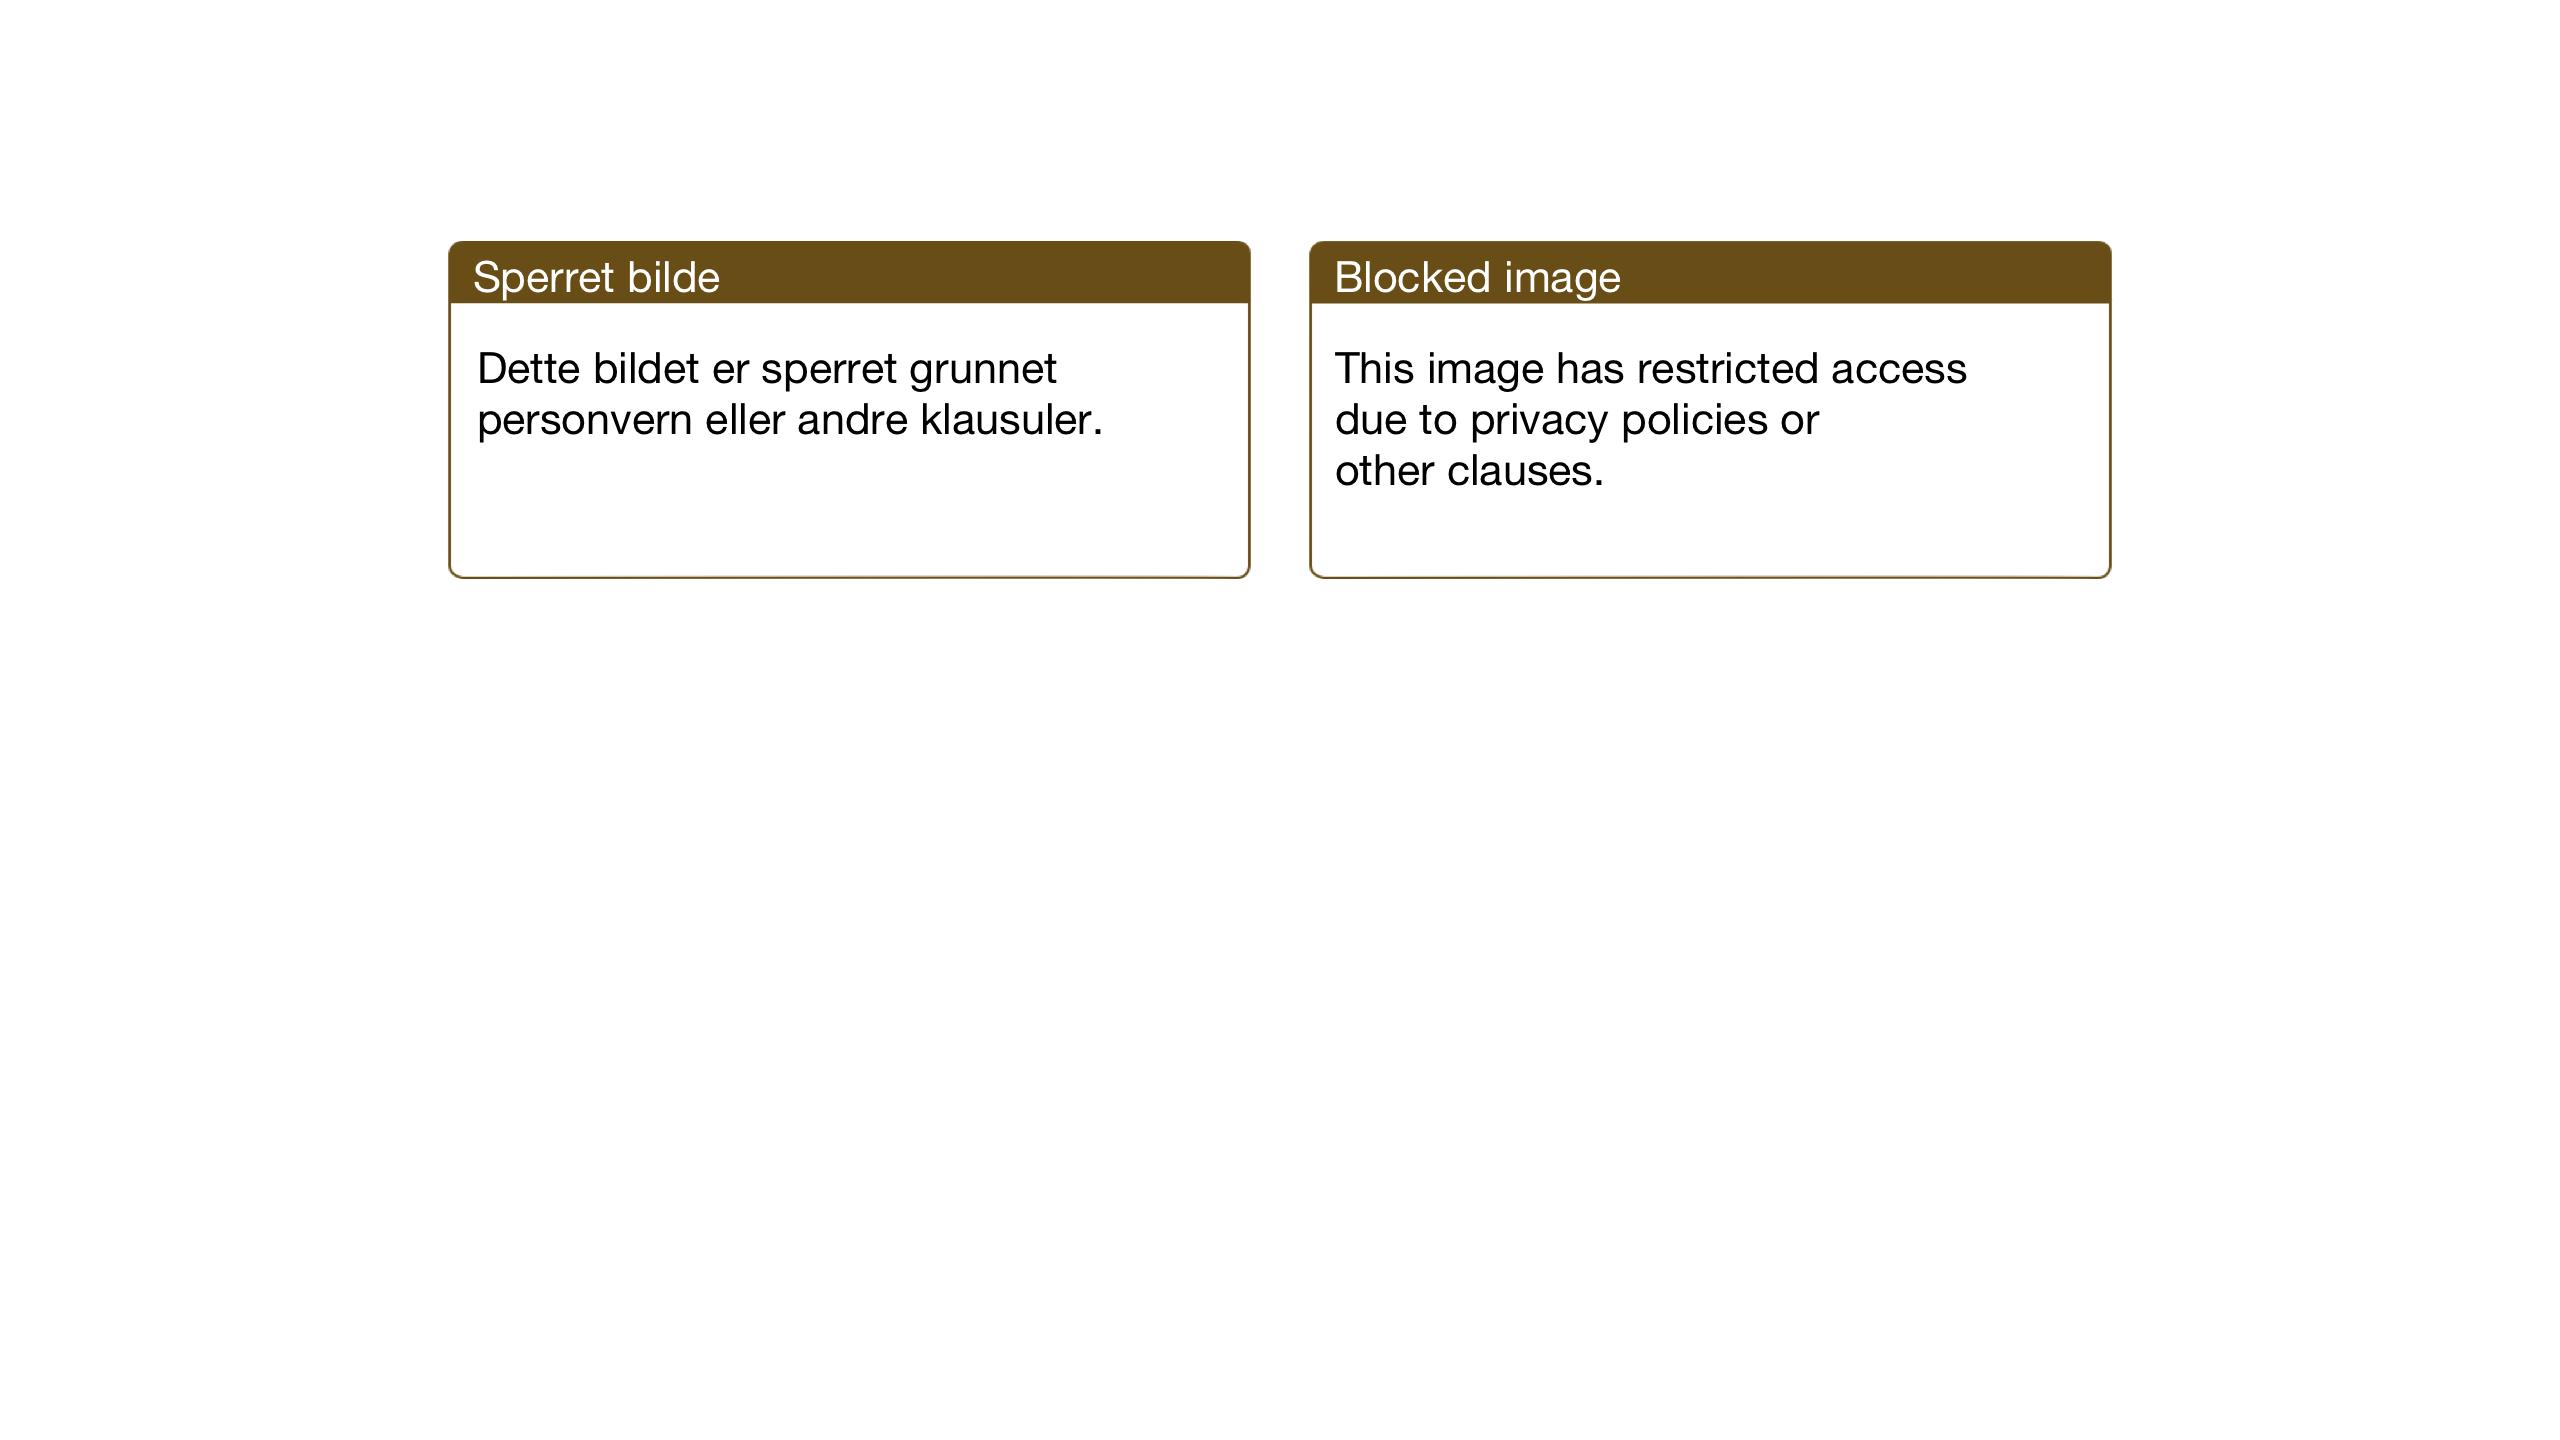 SAT, Ministerialprotokoller, klokkerbøker og fødselsregistre - Sør-Trøndelag, 659/L0747: Klokkerbok nr. 659C04, 1913-1938, s. 173